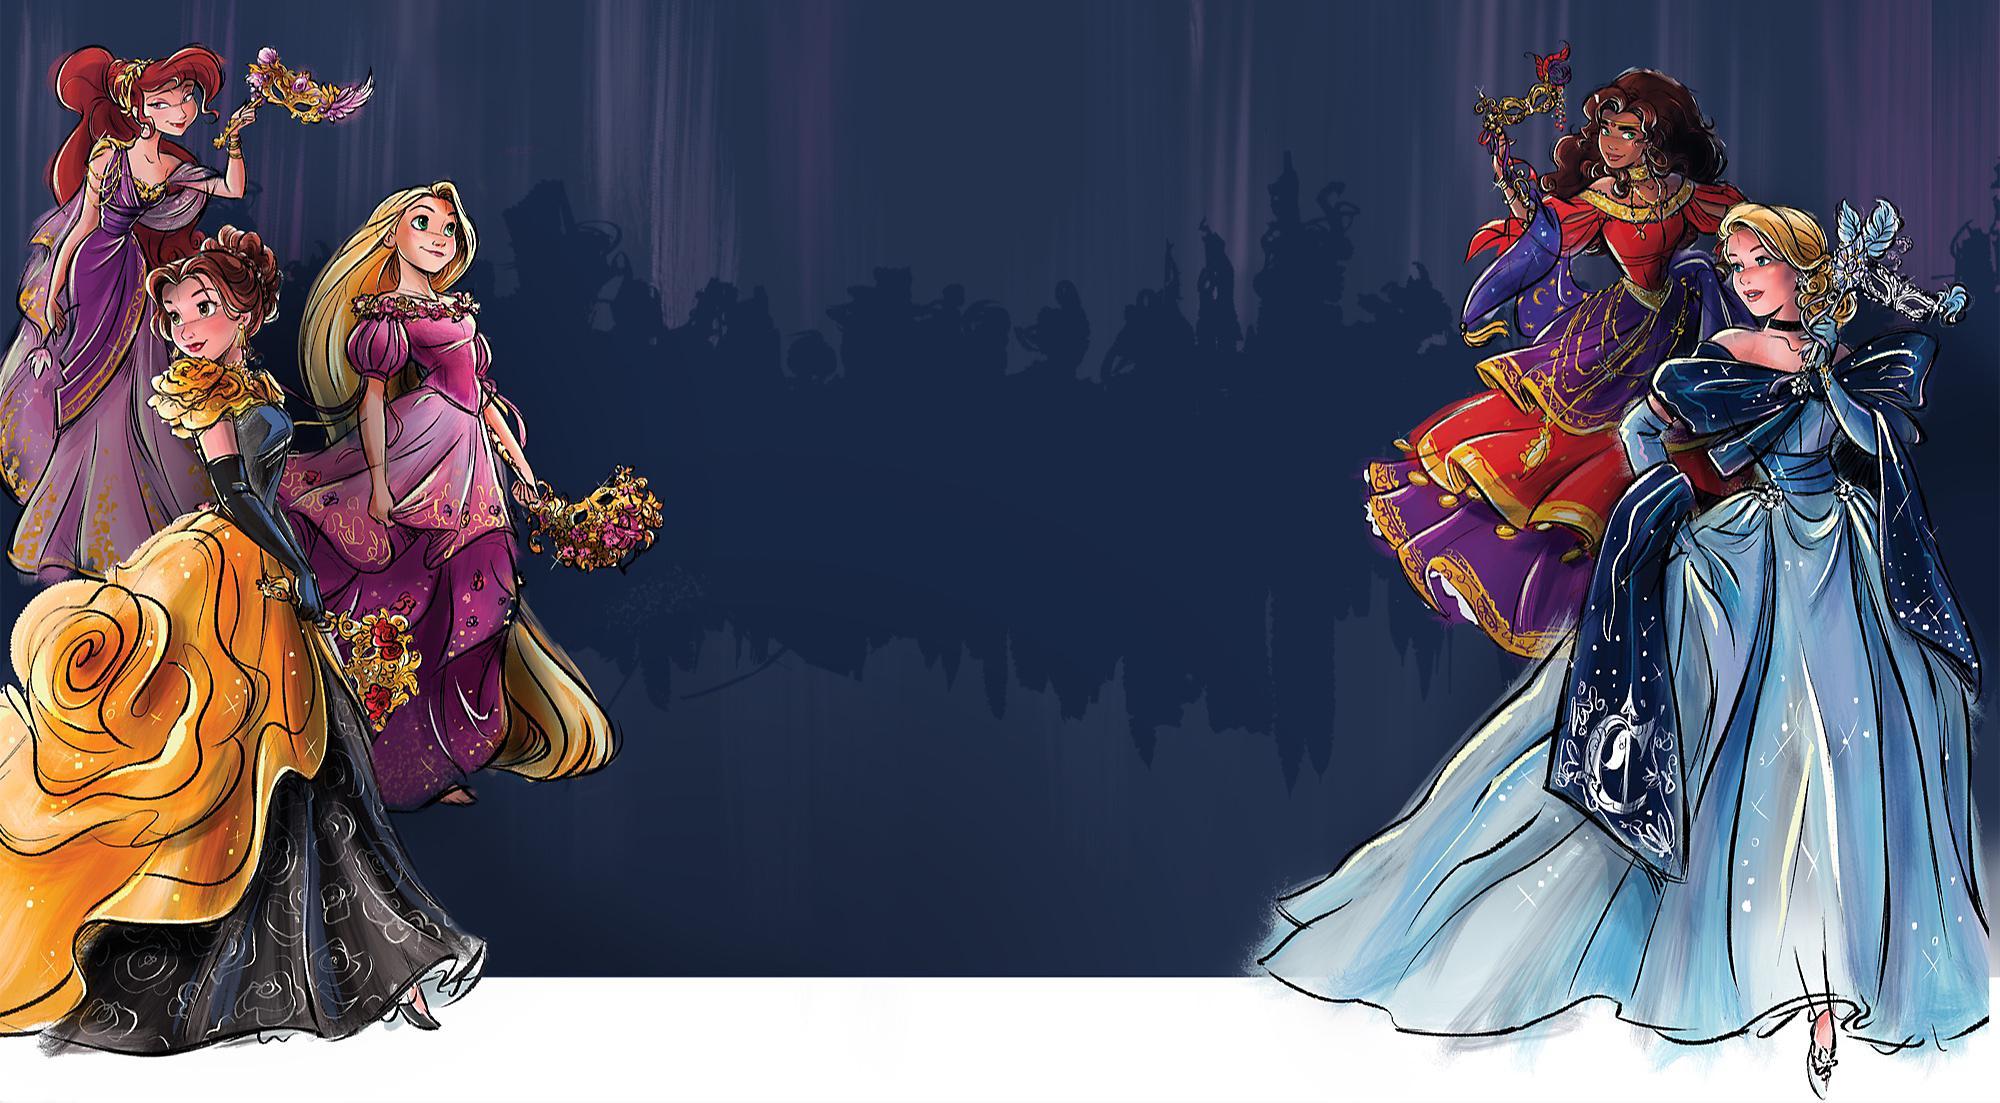 La collection Disney Designer a le plaisir de vous présenter la gamme Midnight Masquerade Series, inspirée de la féérie des bals au clair de lune et de l'élégance des héroines Disney. Conçues par les artistes du Disney Store, ces poupées portent des masques aux motifs légendaires finement sculptés.